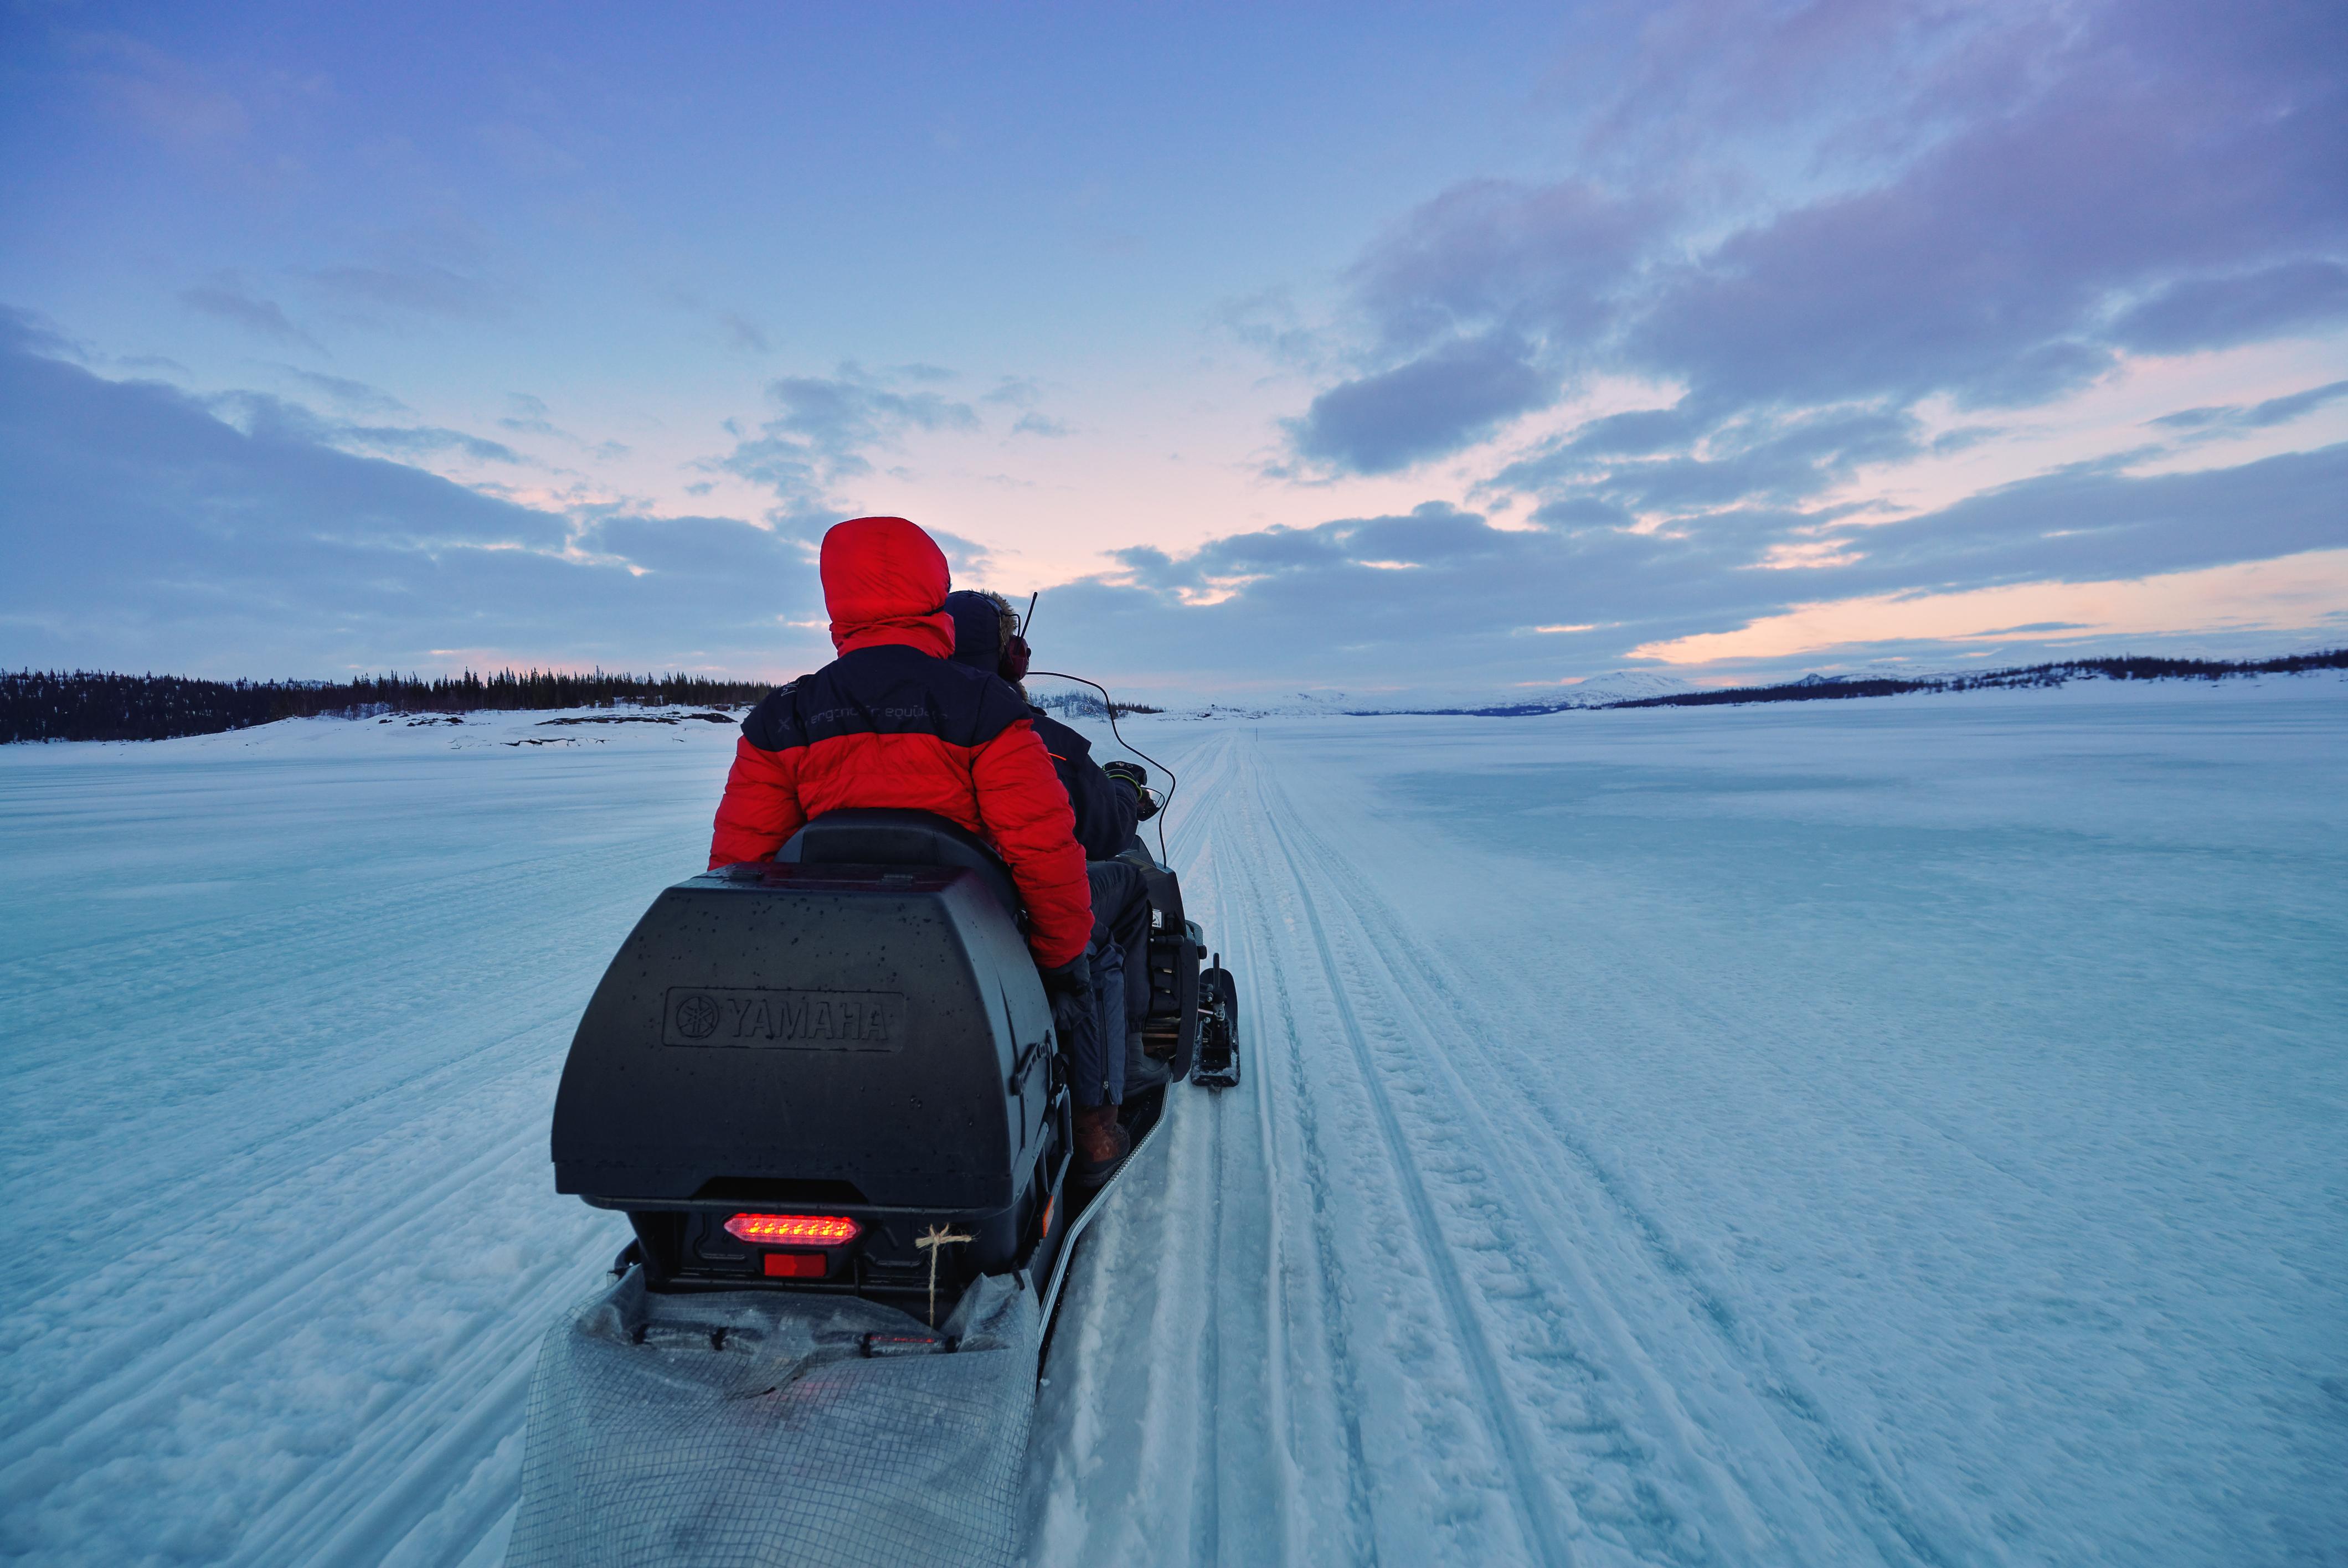 To stykker på snøscooter i Lierne. Vinter. Namdalen, Trøndelag.